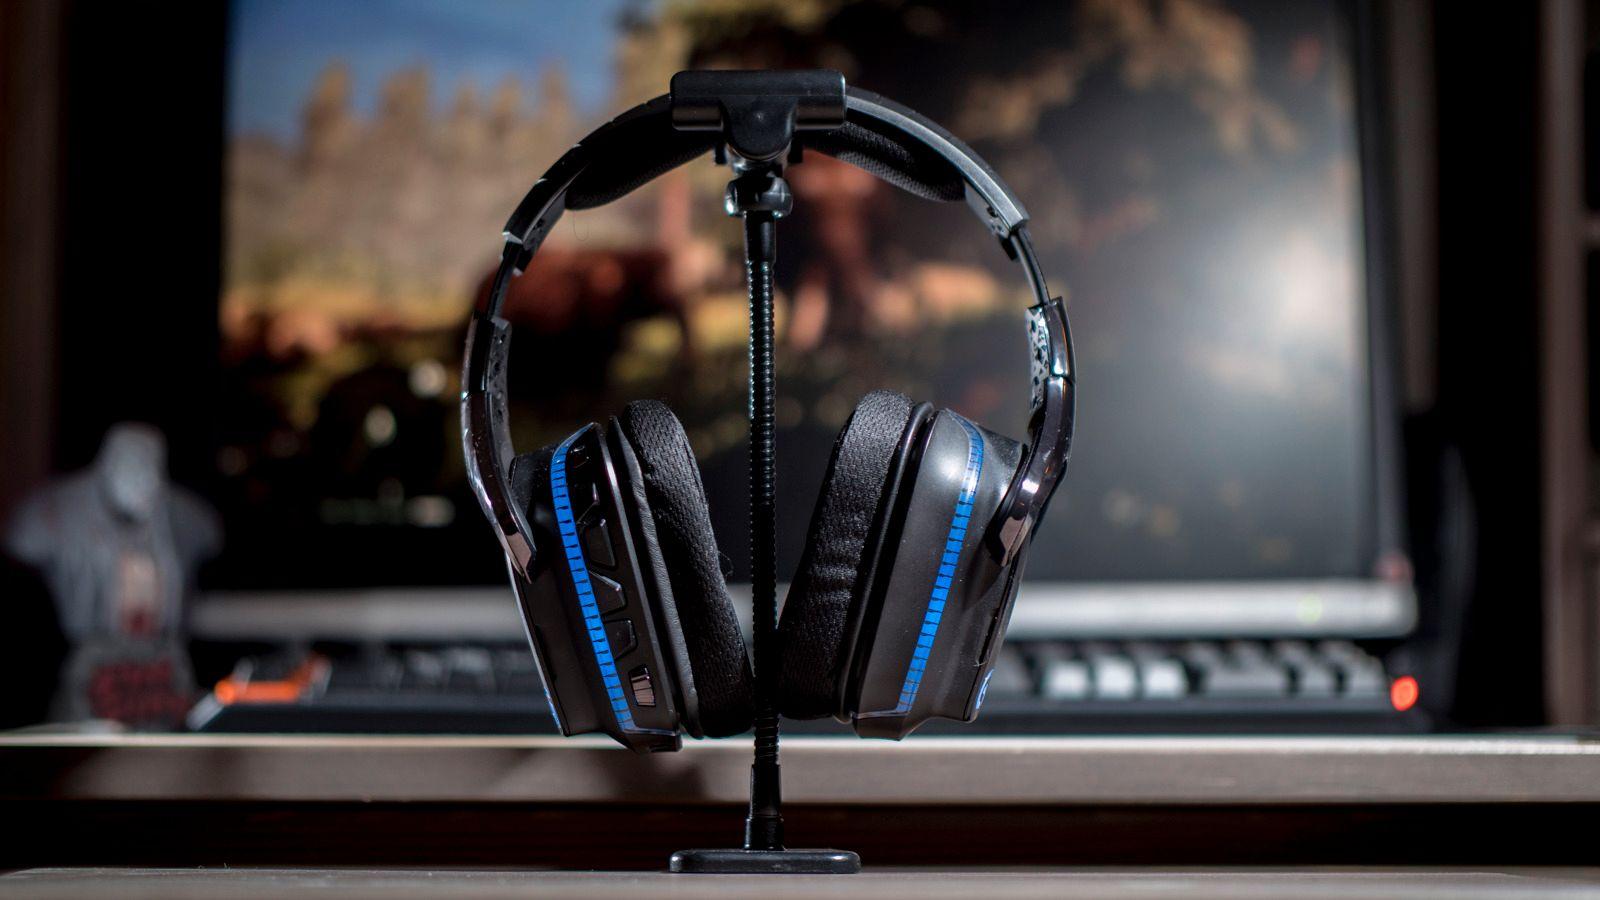 Test av Logitech Wireless Gaming Headset G930 – VG